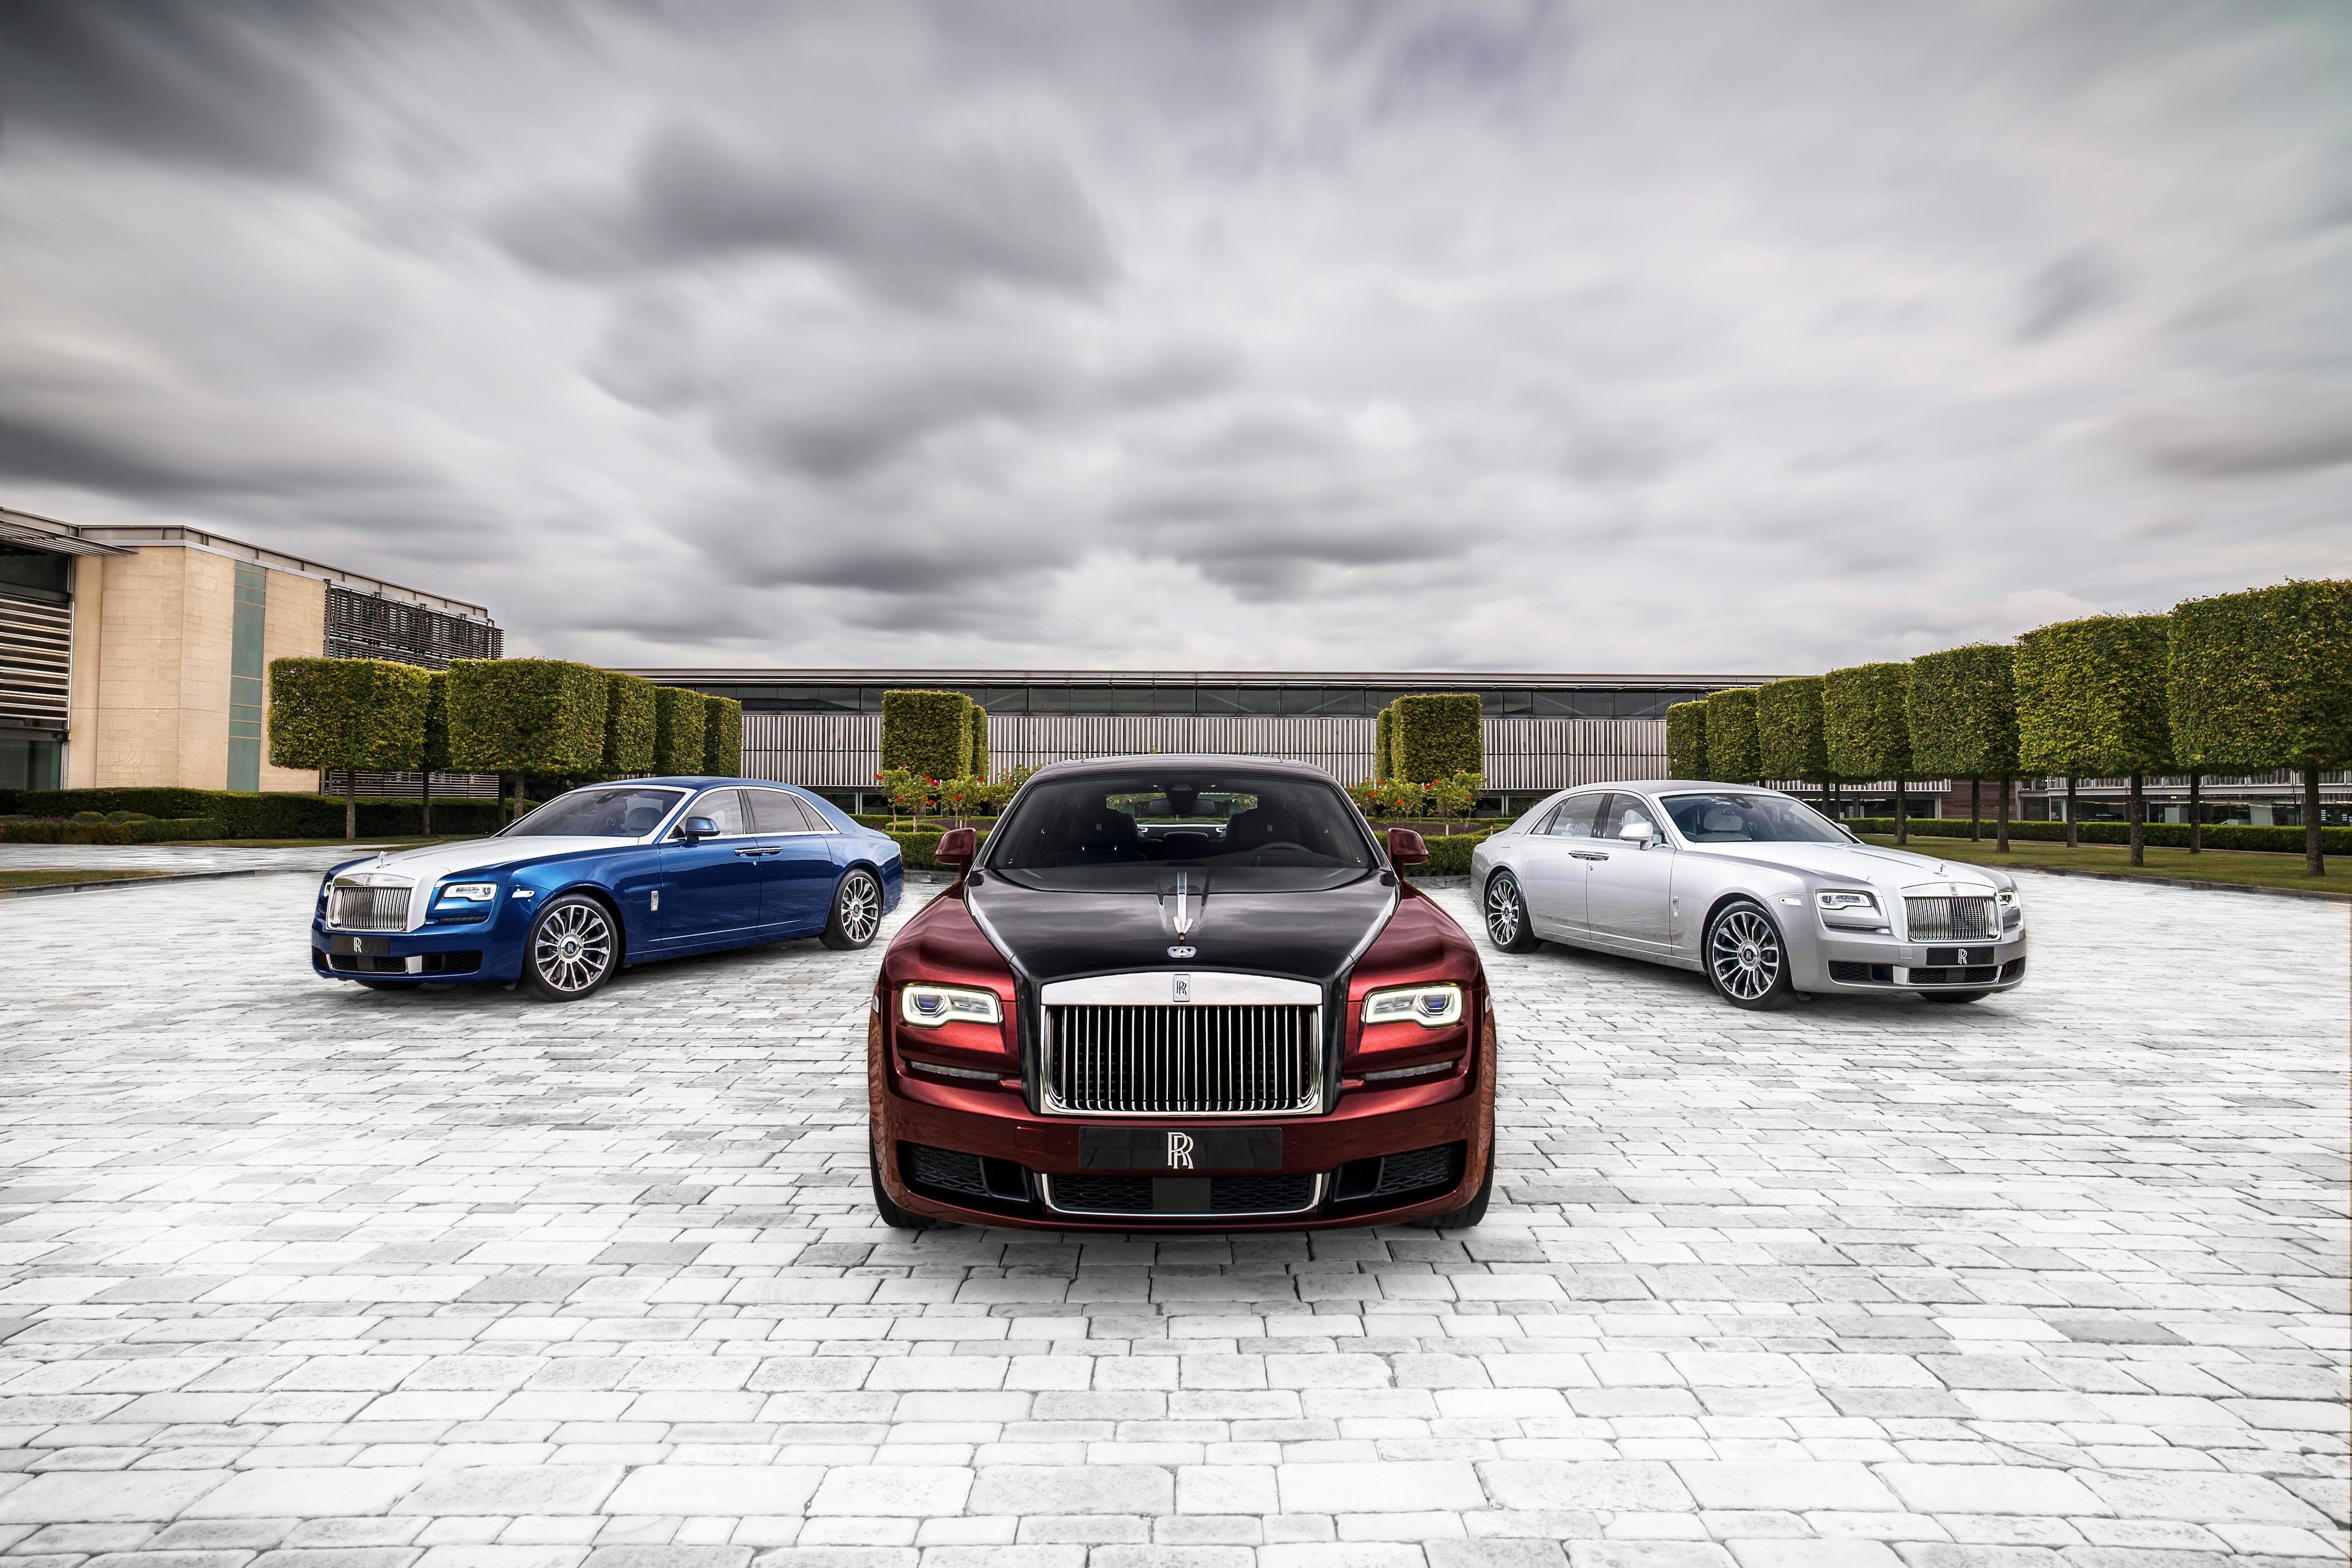 New Pre Owned Rolls Royce Cars In Wayland Near Boston